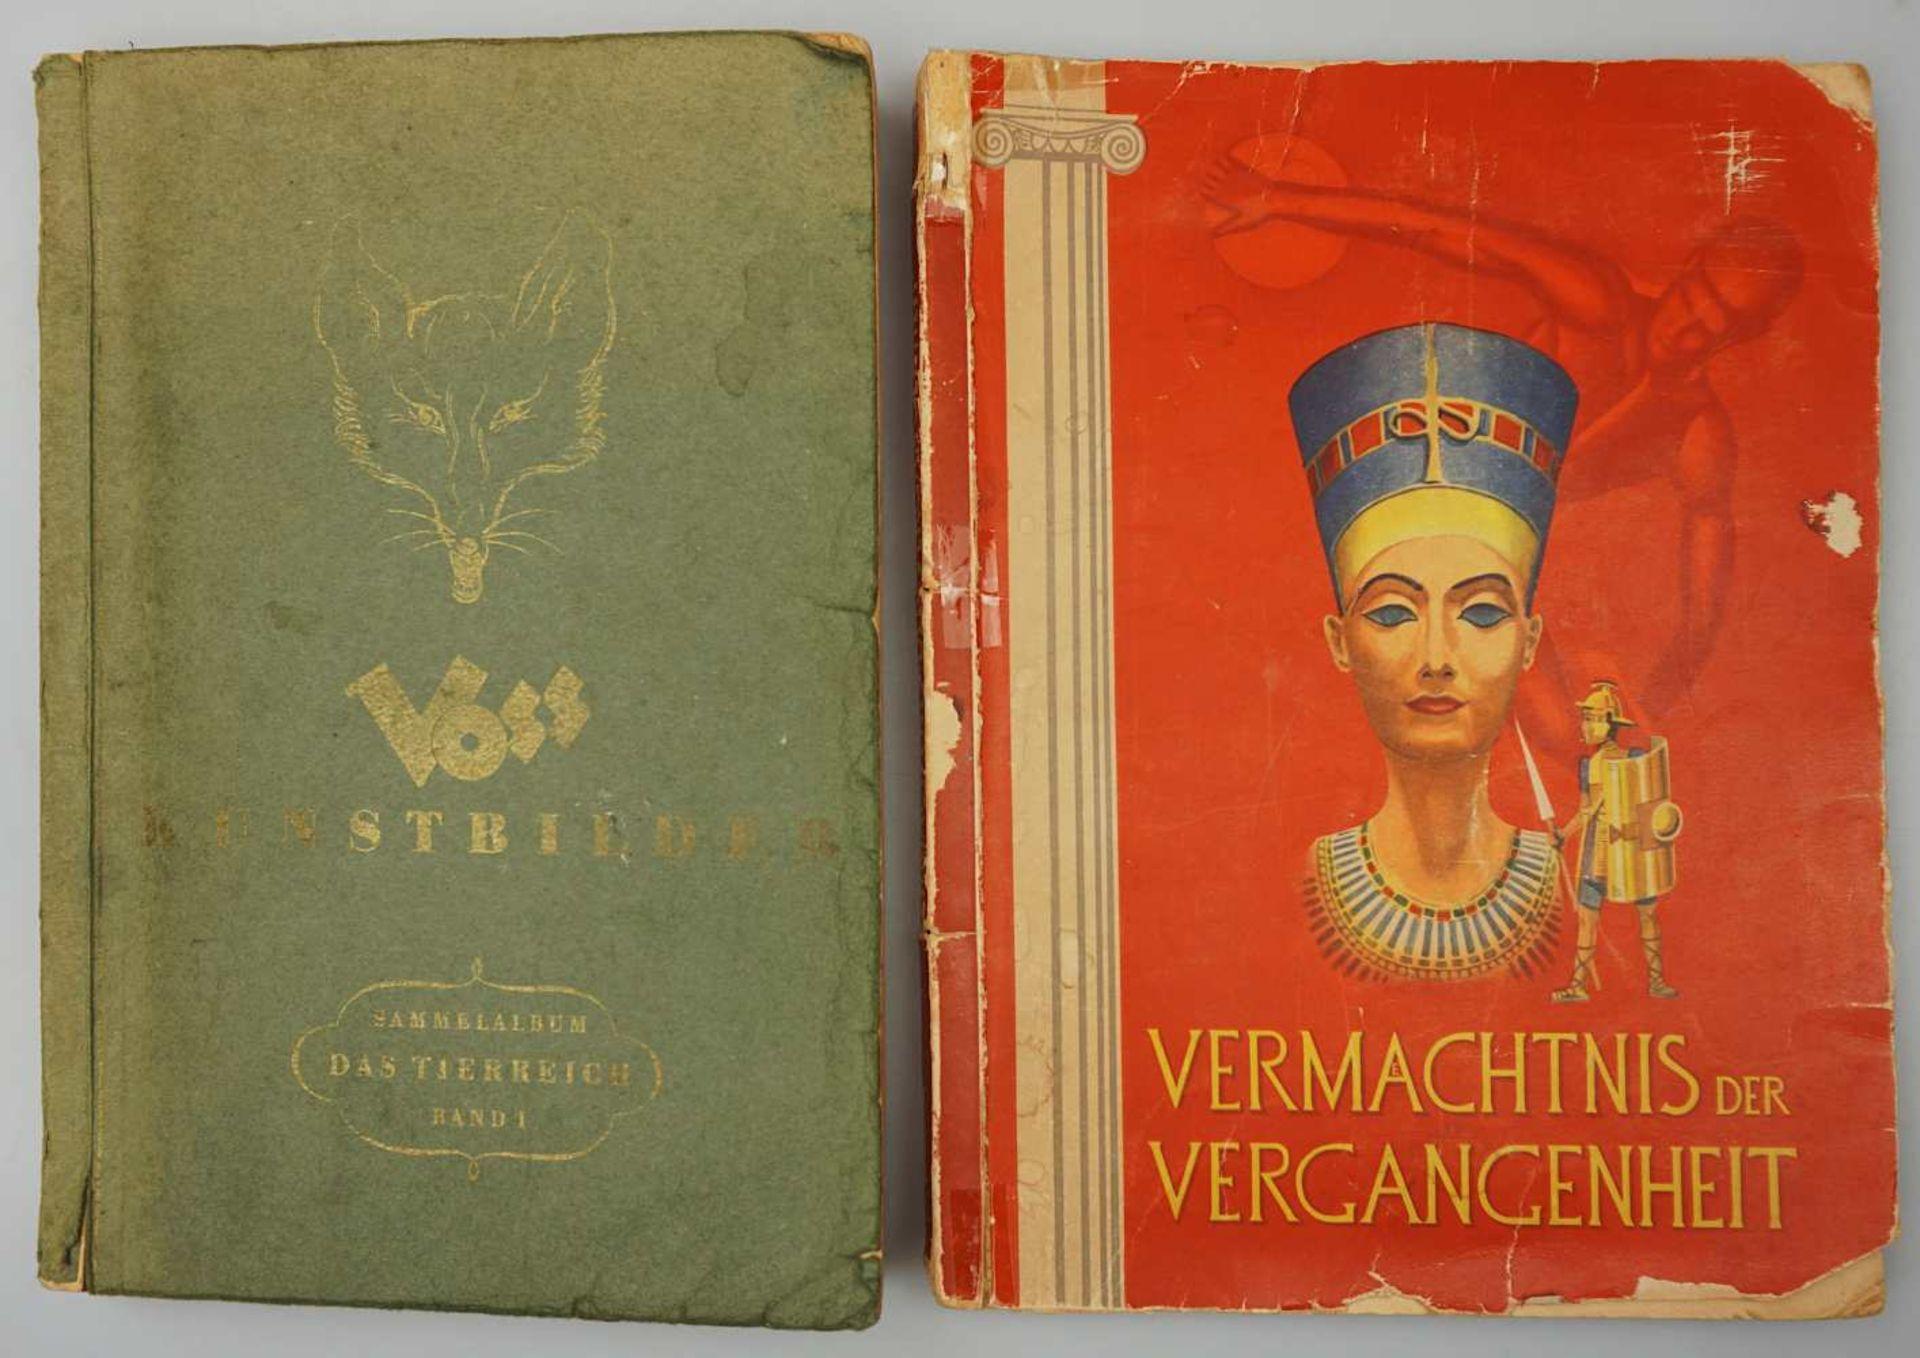 """1 Sammelbilderalbum """"Das Tierreich"""" Band I, VOSS-Kunstbilder, Bielefeld 1951 sowie 1 S"""